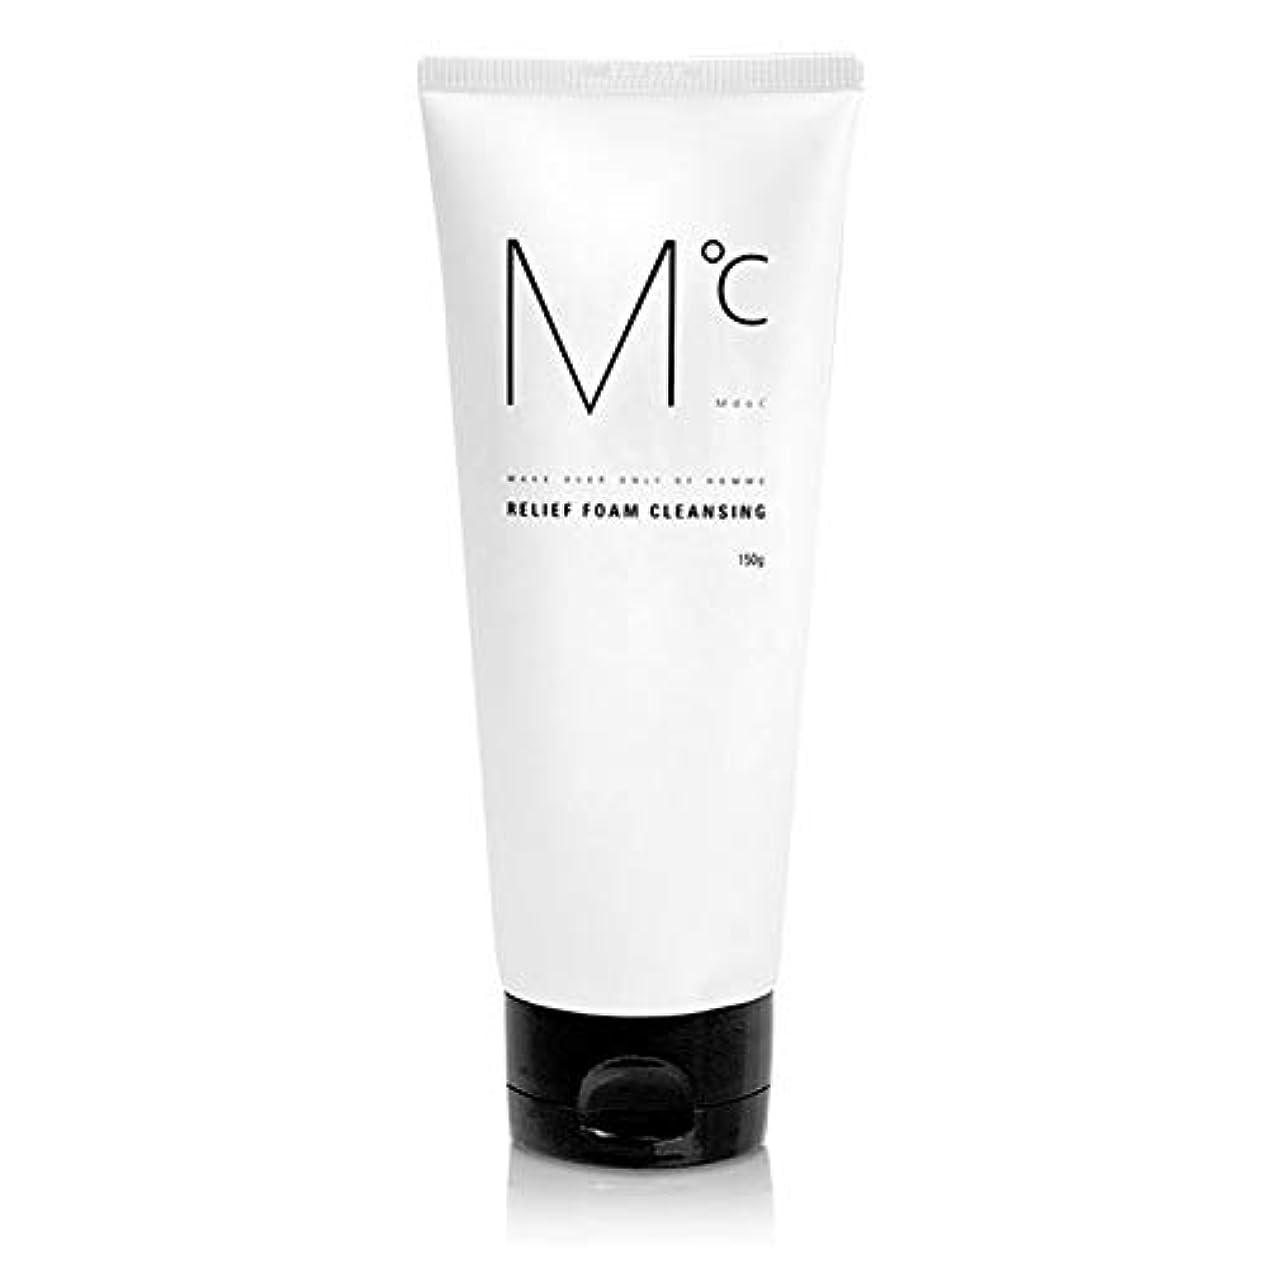 うまくやる()バタフライ存在M℃RELIEF FOAM CLEANSINGフォームクレンジング150g Men's男性KOREA化粧品MdoC[海外ジクソンプム]